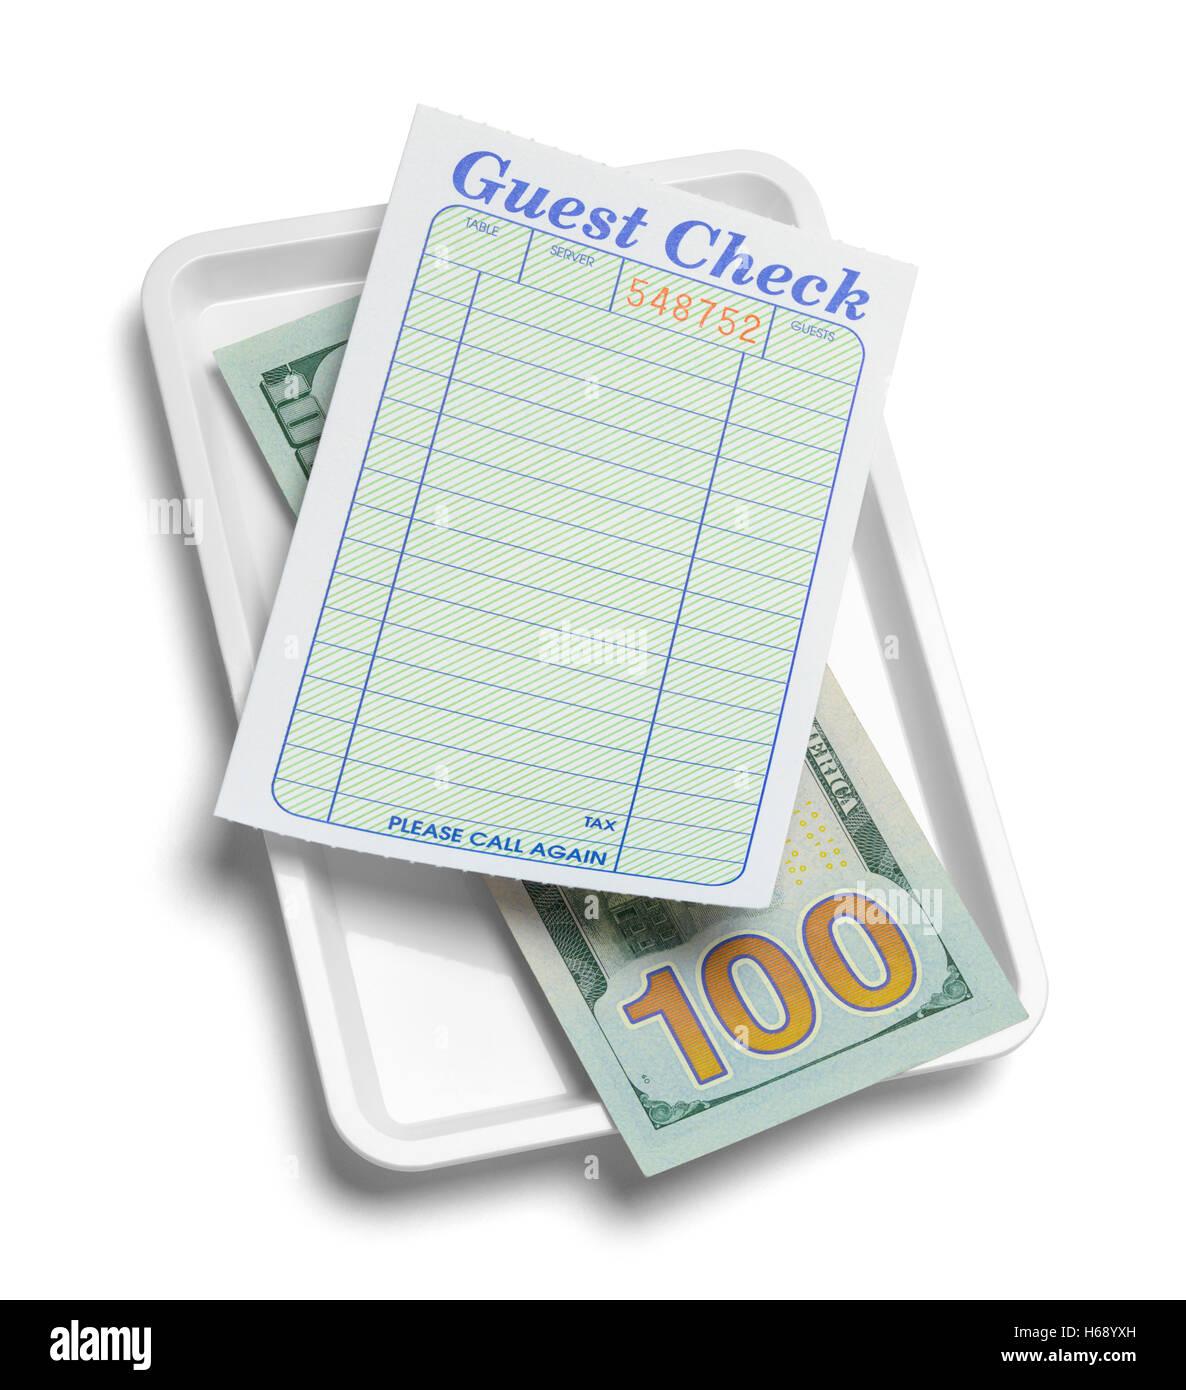 Quittung Tablett mit Geld und leere Guest Check isolierten auf weißen Hintergrund. Stockbild